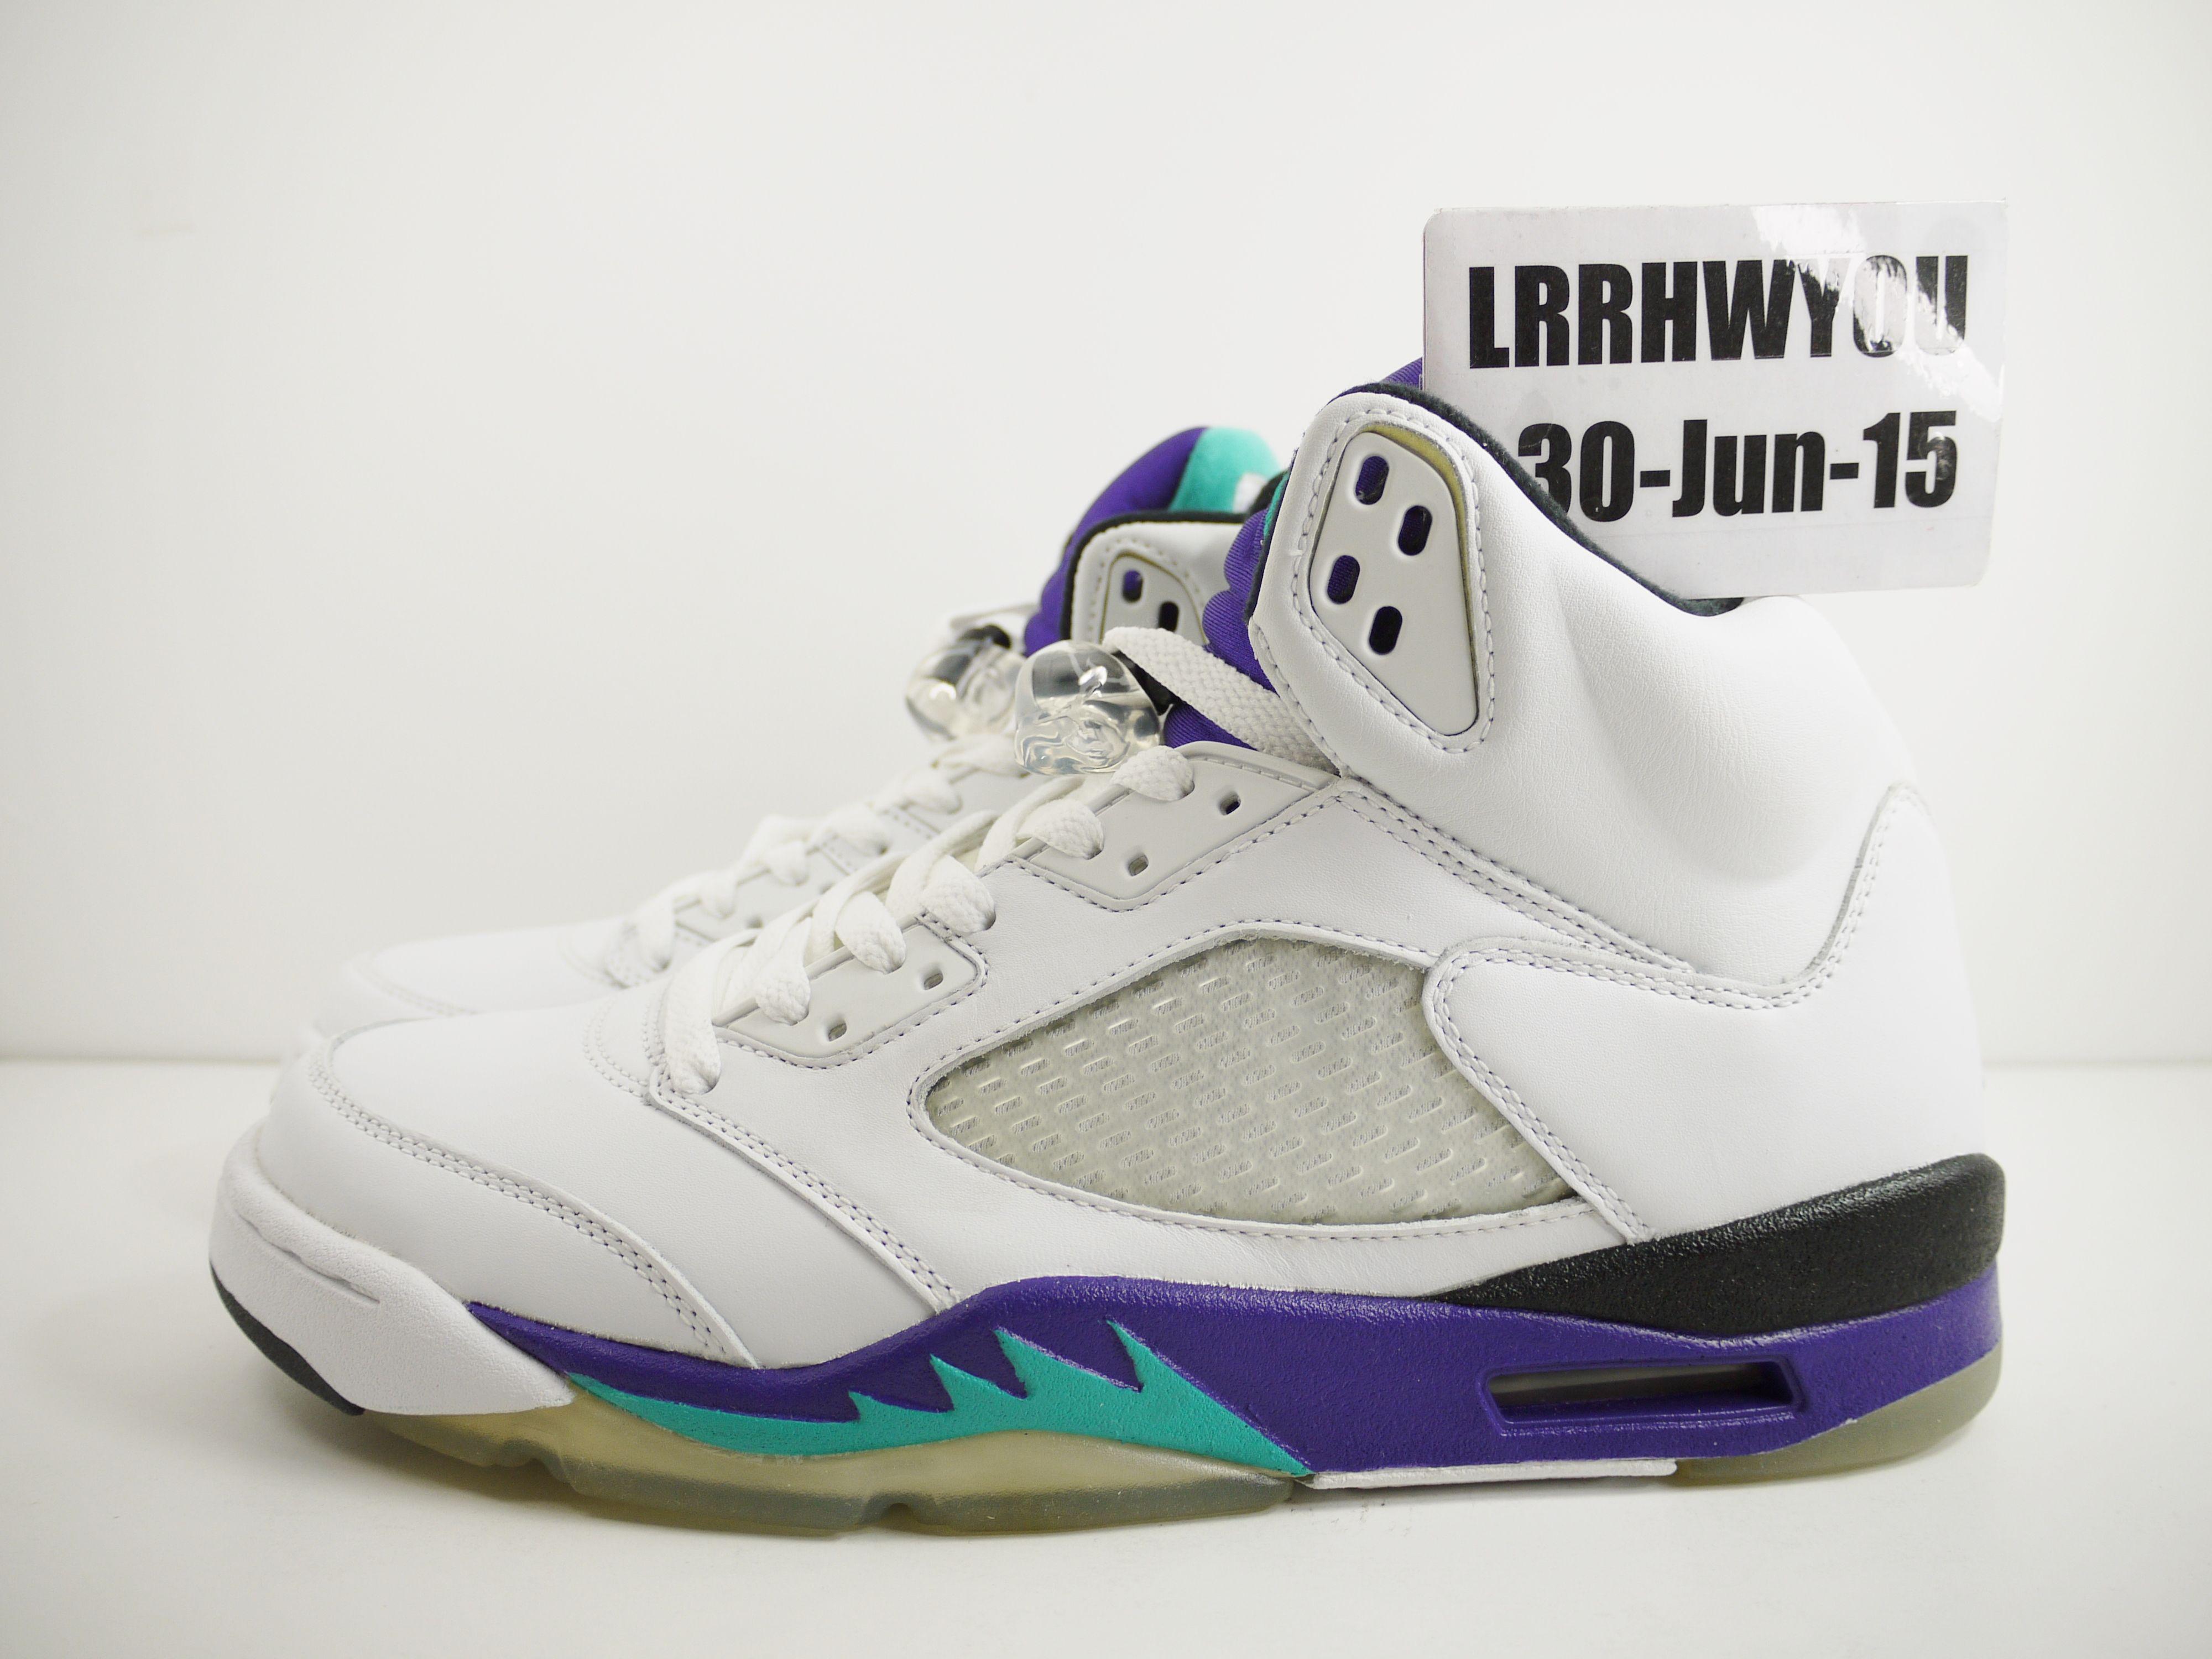 b56f755fa19e 9 Best Nike Jordan Shoes images